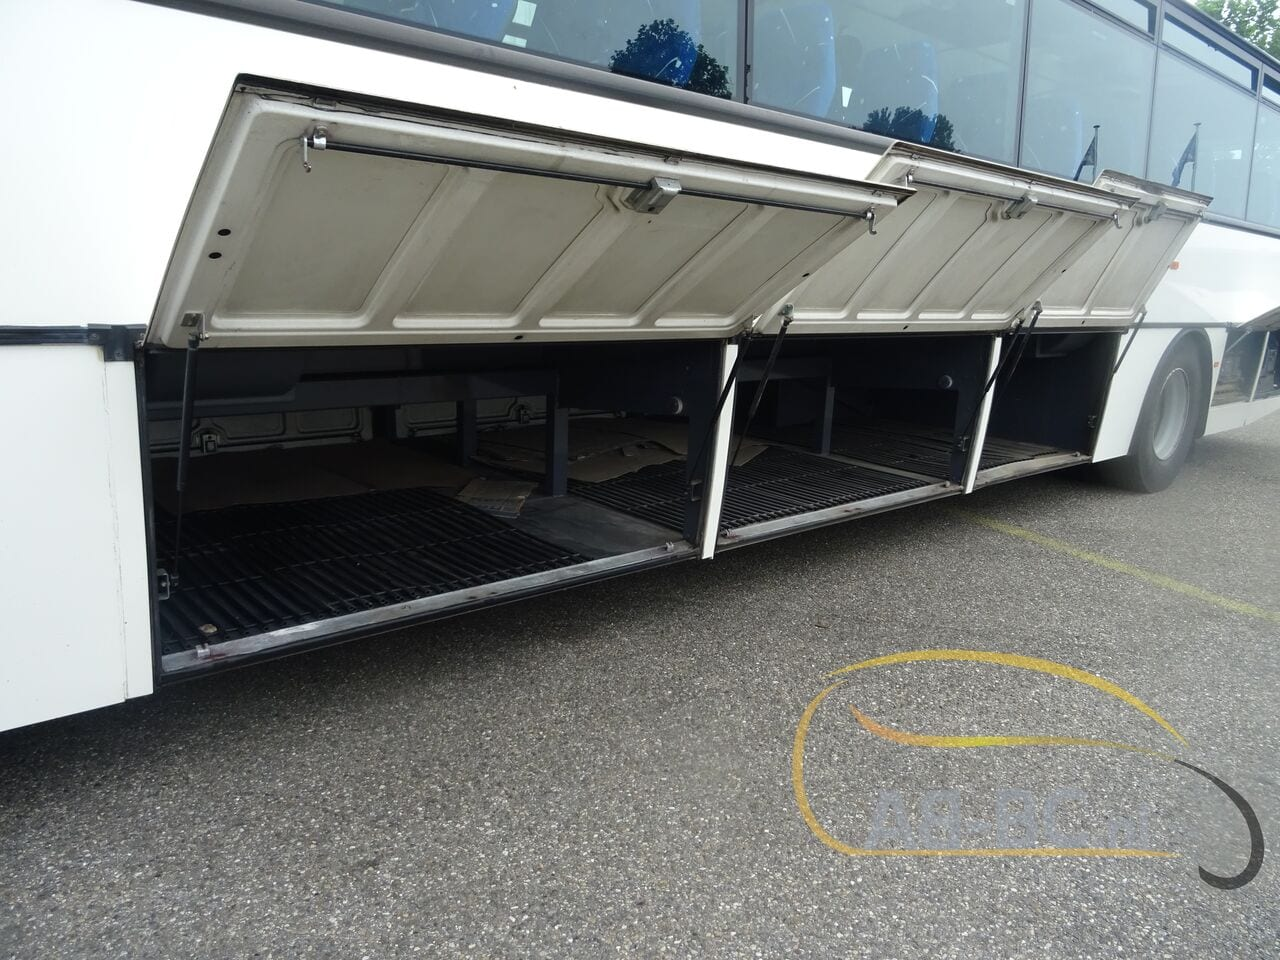 interurban-busIVECO-Irisbus-Recreo-64-Seats---1626159749040451058_big_cc16d659e88b071e4c5aa333561cf851--21071309575983154500